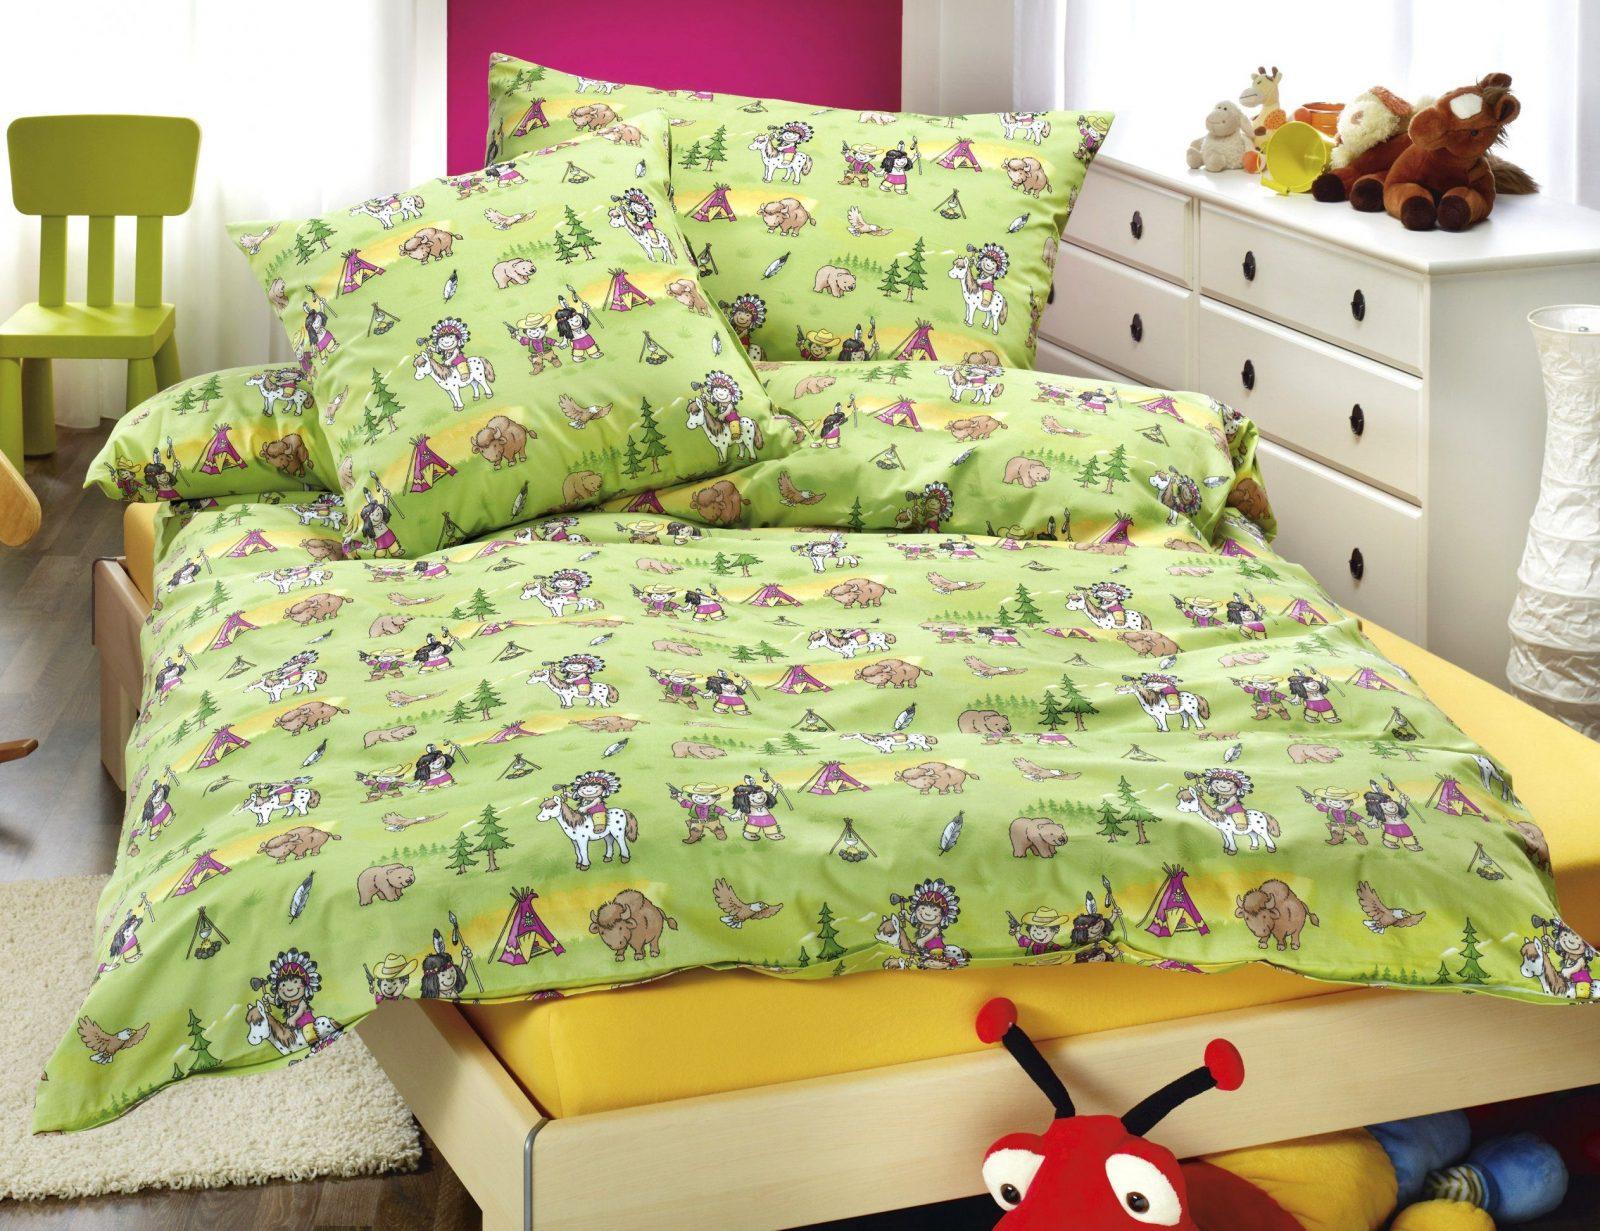 Sehr Gute Ideen Neue Bettwäsche Waschen Und Auf Wieviel Grad Bettw von Bei Wieviel Grad Bettwäsche Waschen Bild